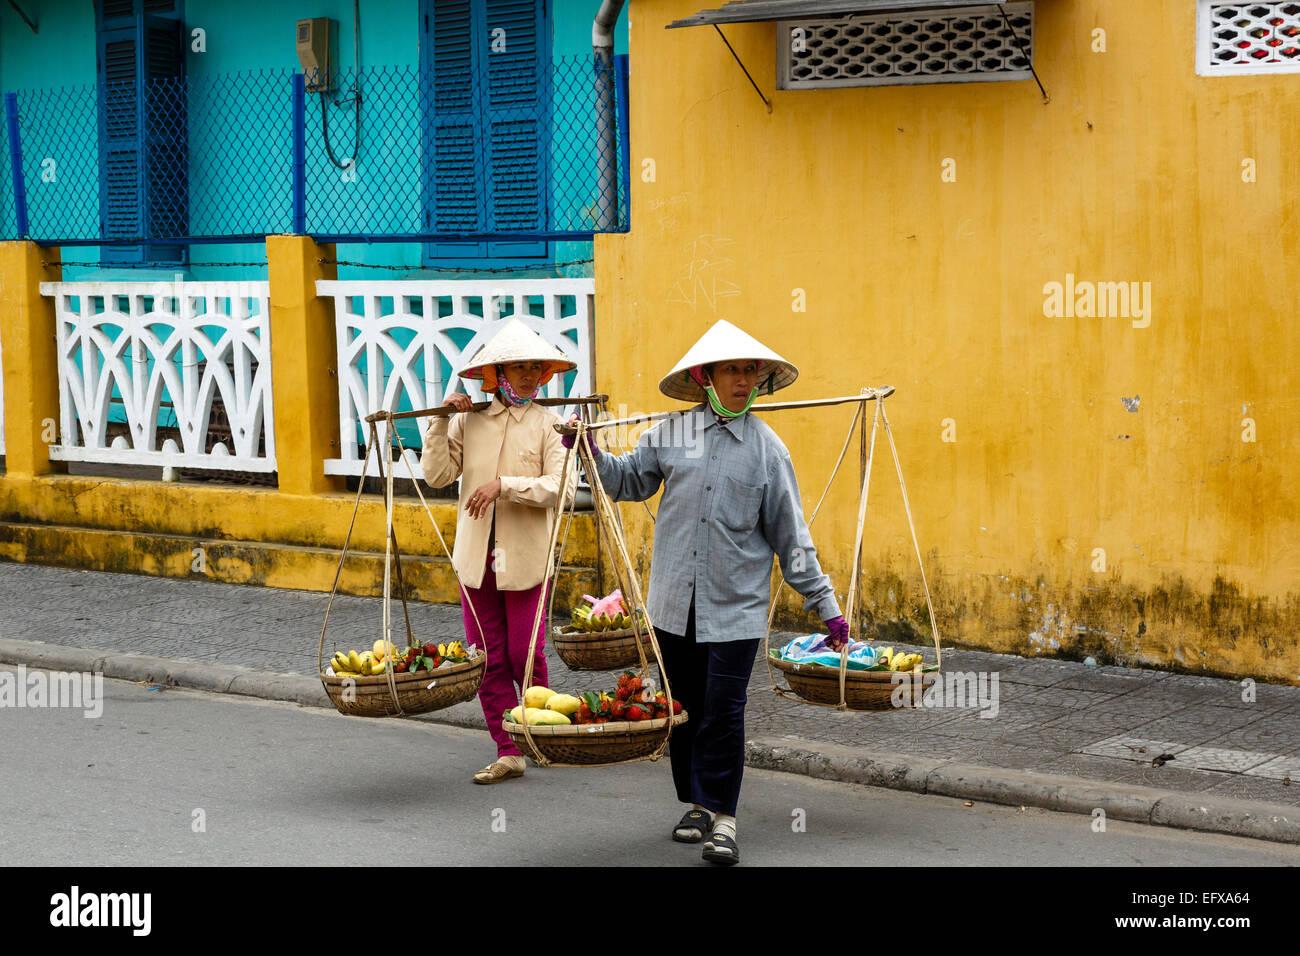 Women carrying baskets, Hoi An, Vietnam. - Stock Image